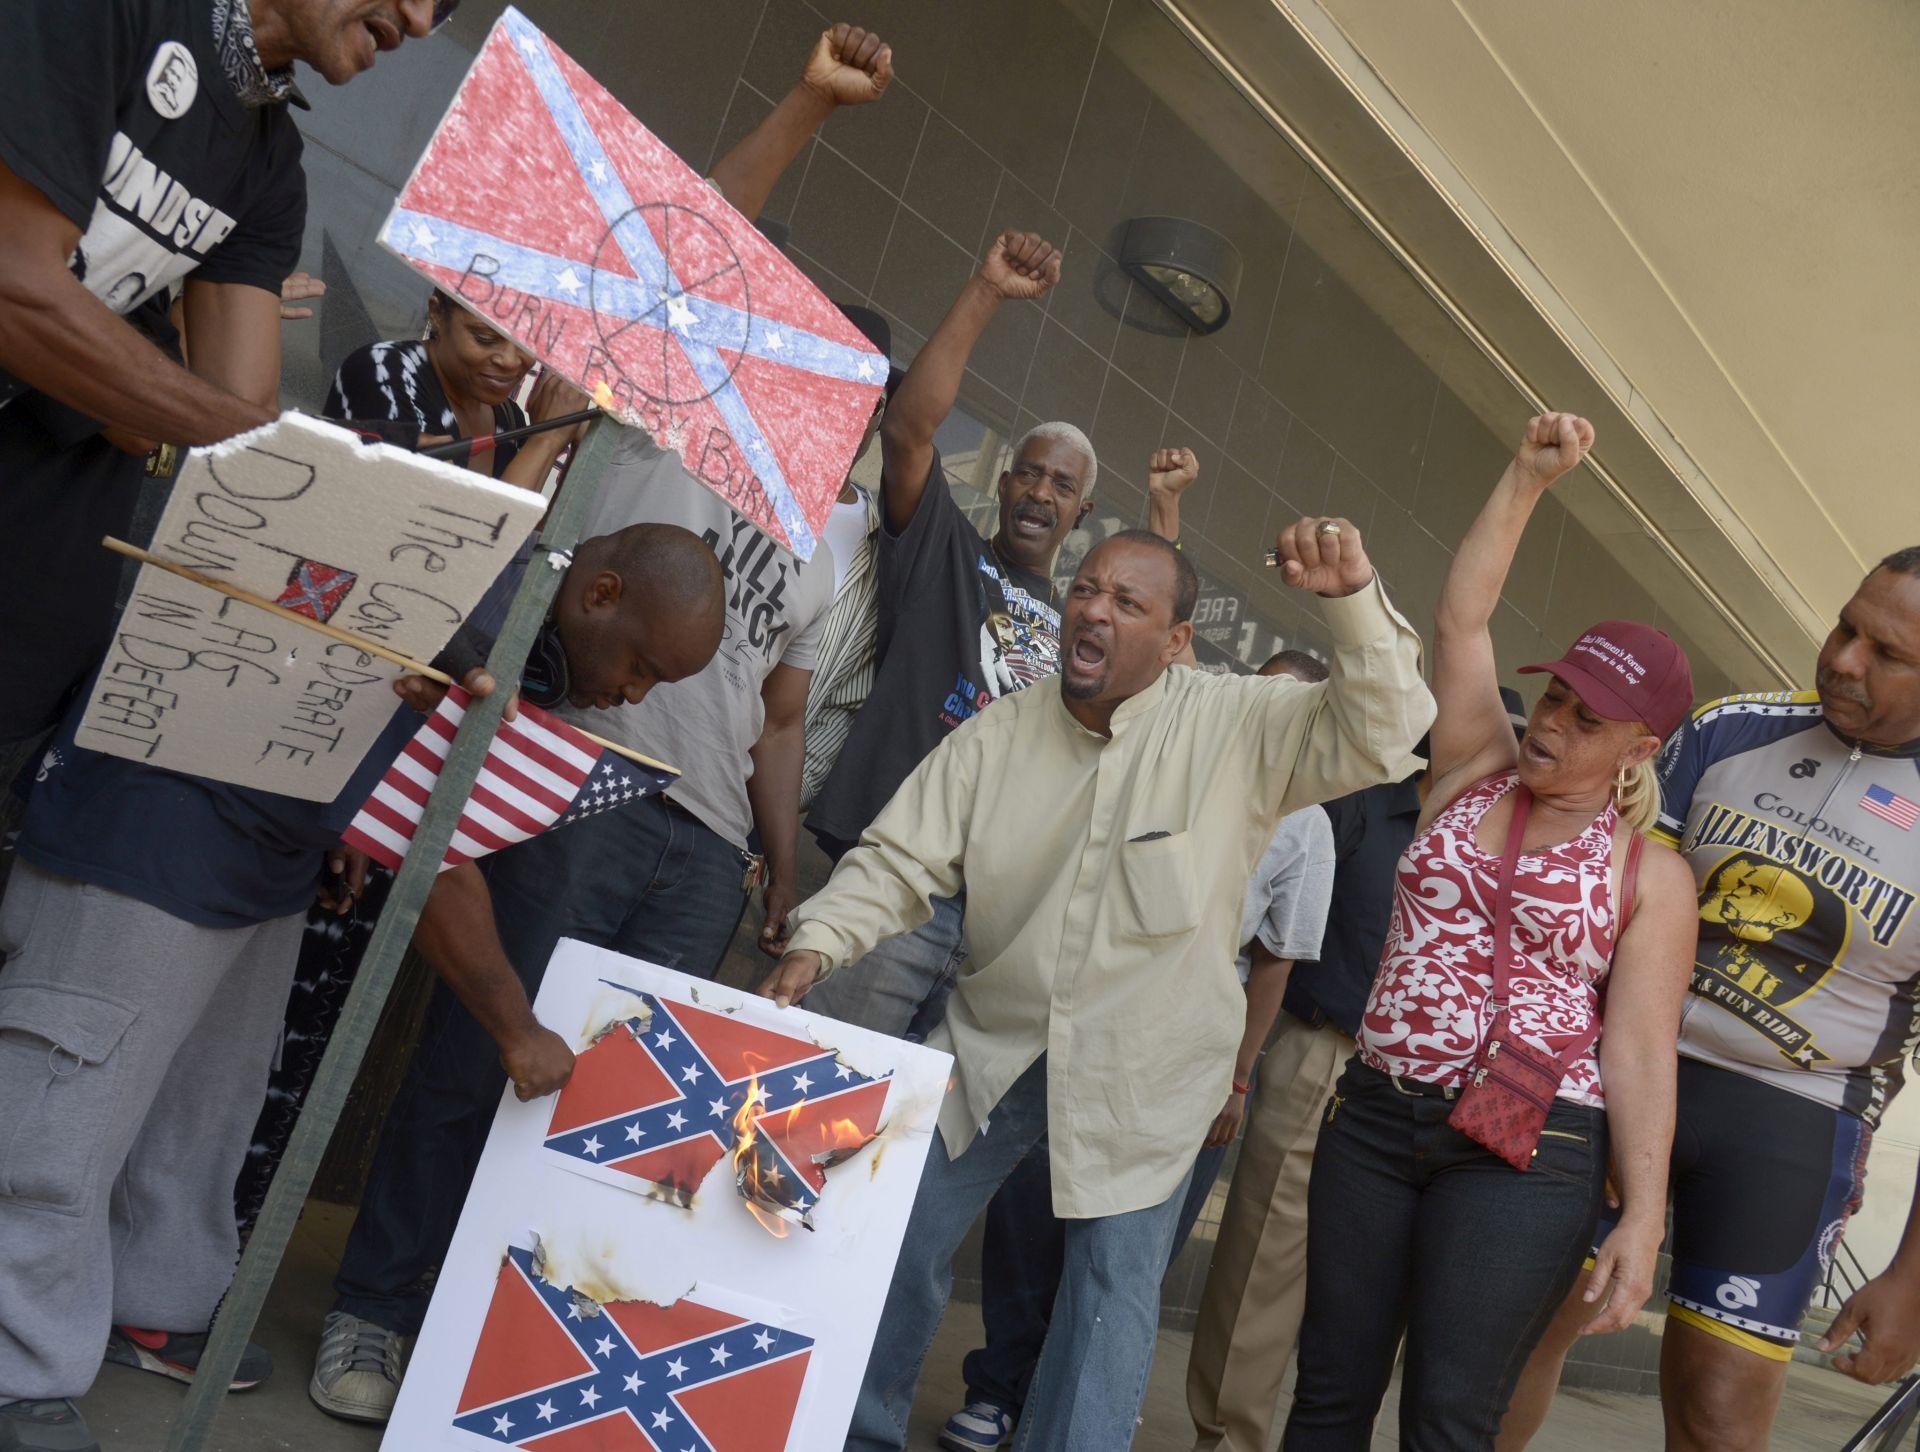 SPORAN SIMBOL Sve snažnija kampanja za uklanjanje konfederacijske zastave